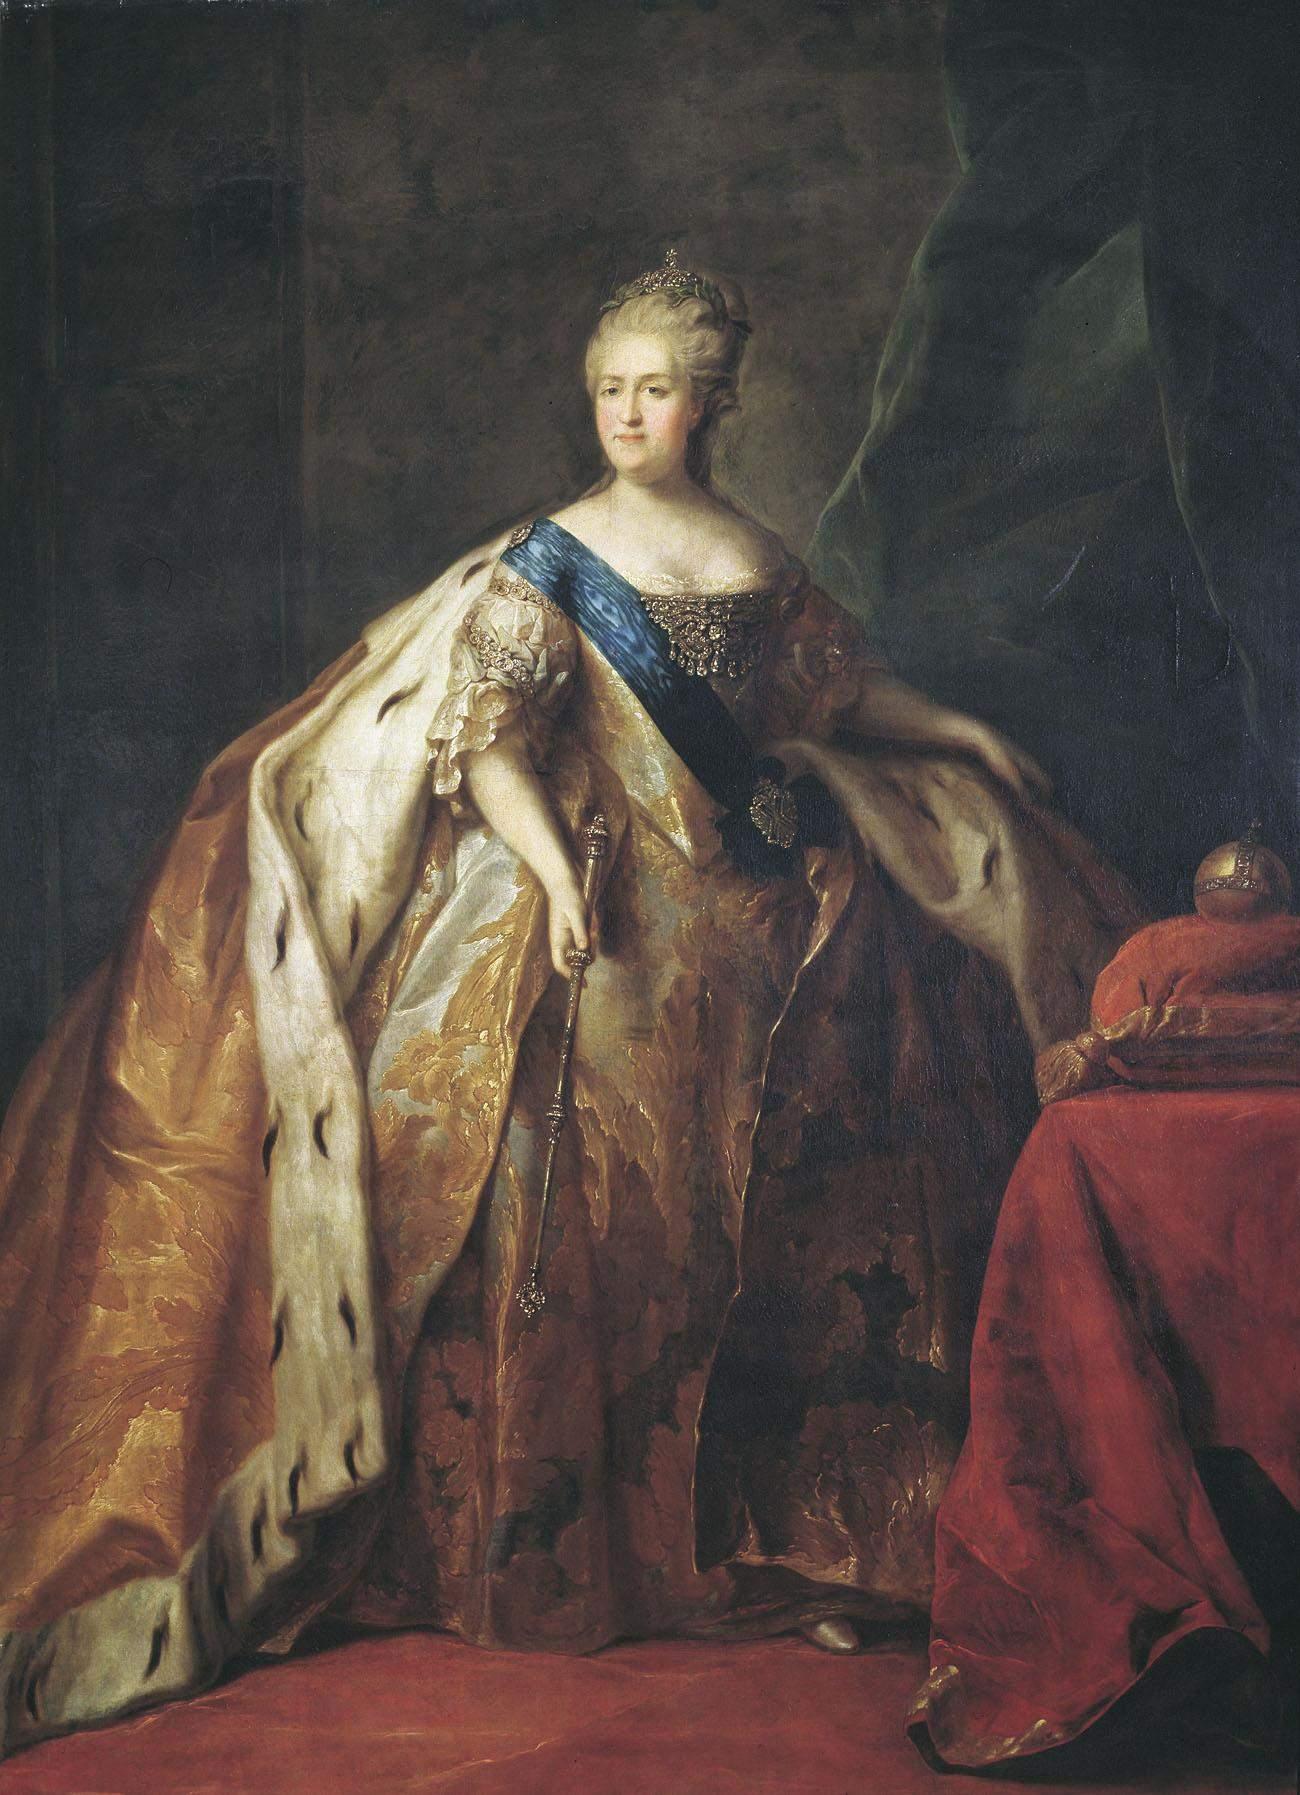 Катерина II в історії Дніпра, День міста Дніпро, Дніпро, факти про Дніпро